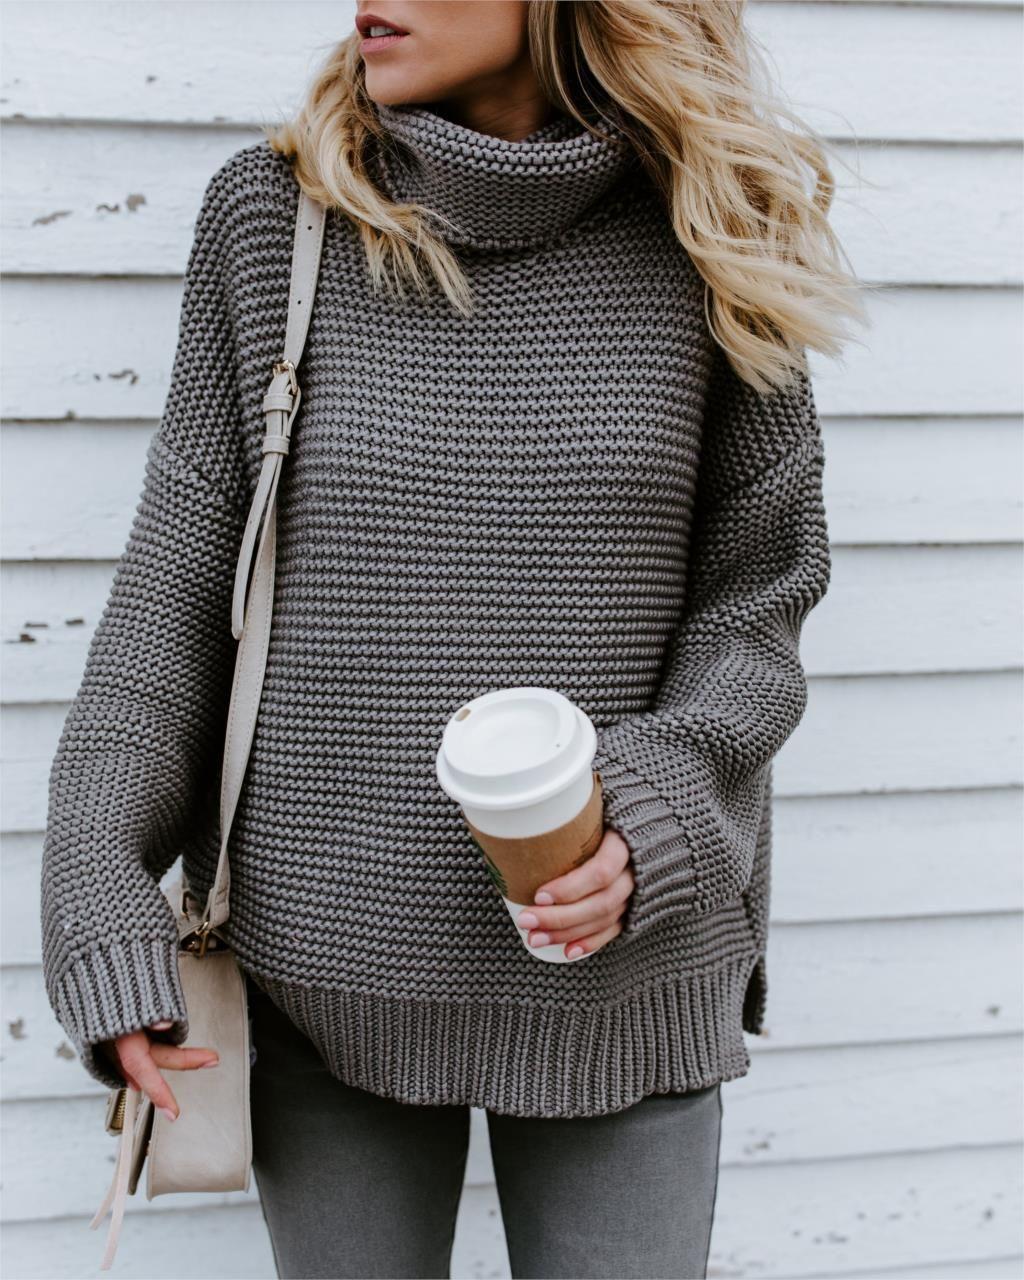 0759fd27c9e1 FLULU Winter Sweater Women 2018 Fashion Casual Solid Turtleneck ...